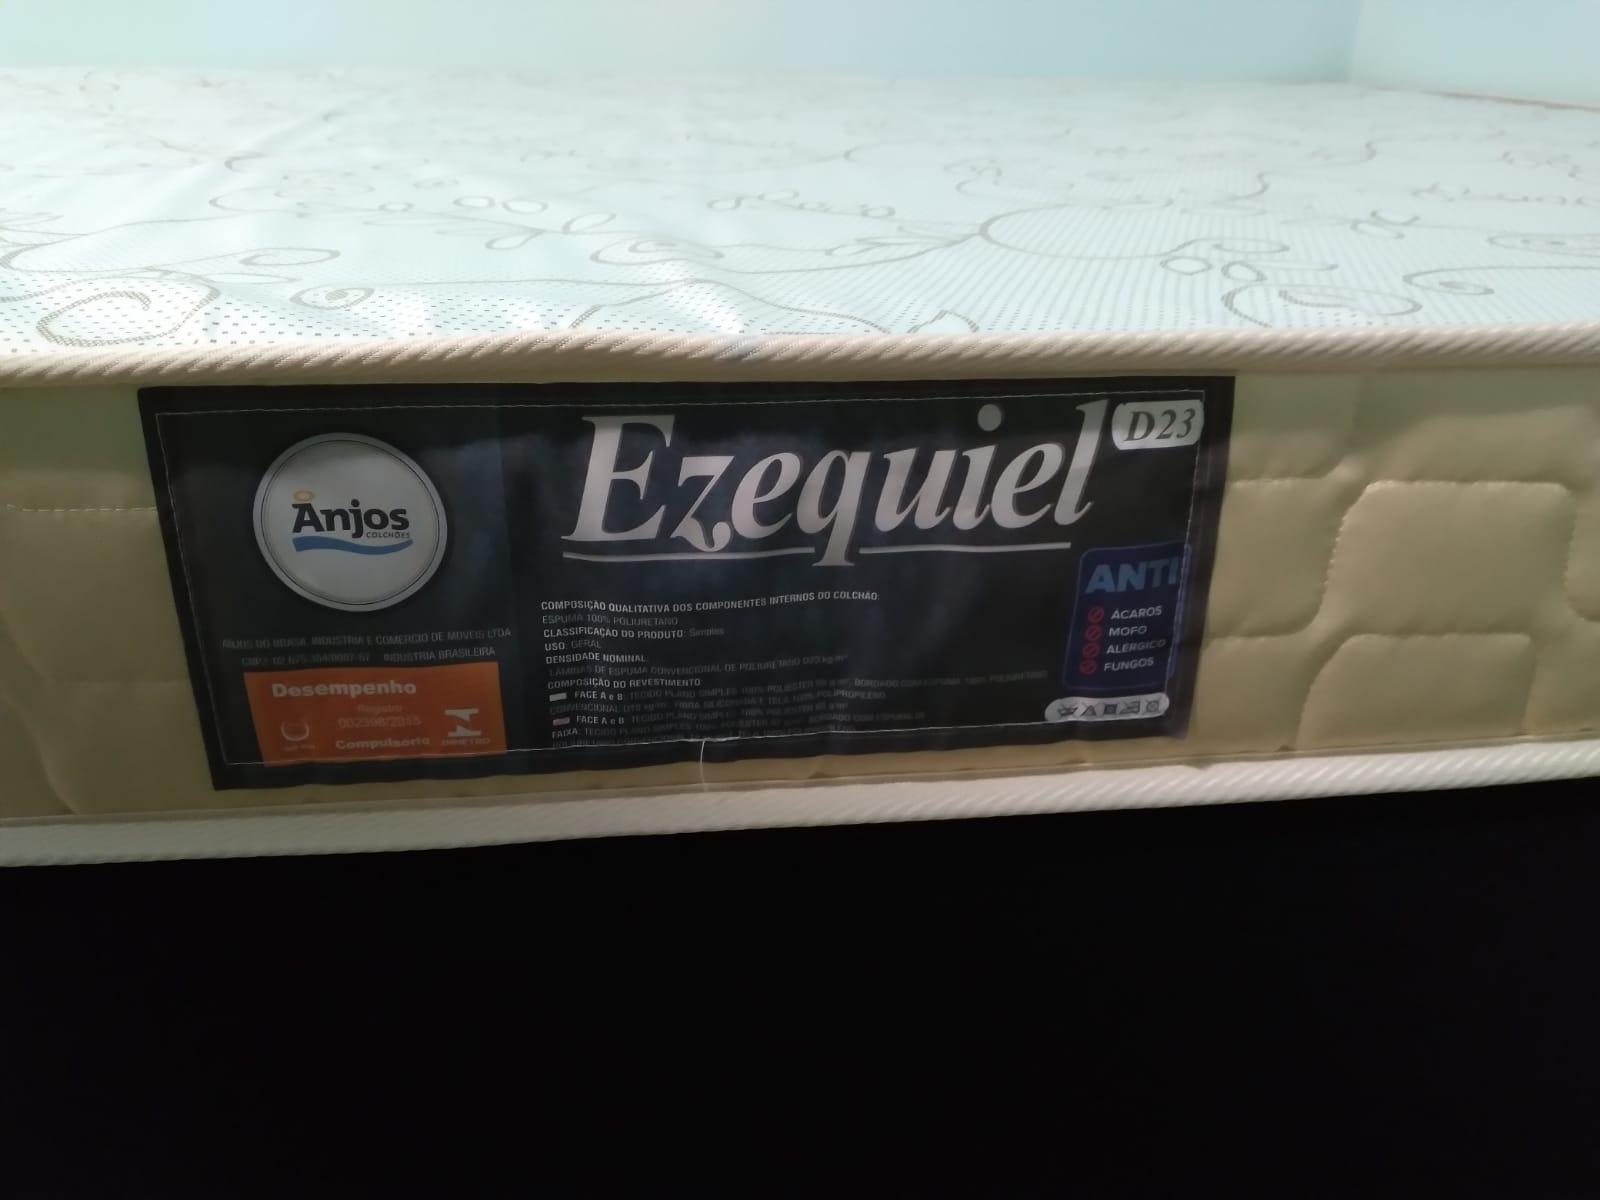 COLCHÃO DE CASAL D23 - ESPUMA - EZEQUIEL - 138X188